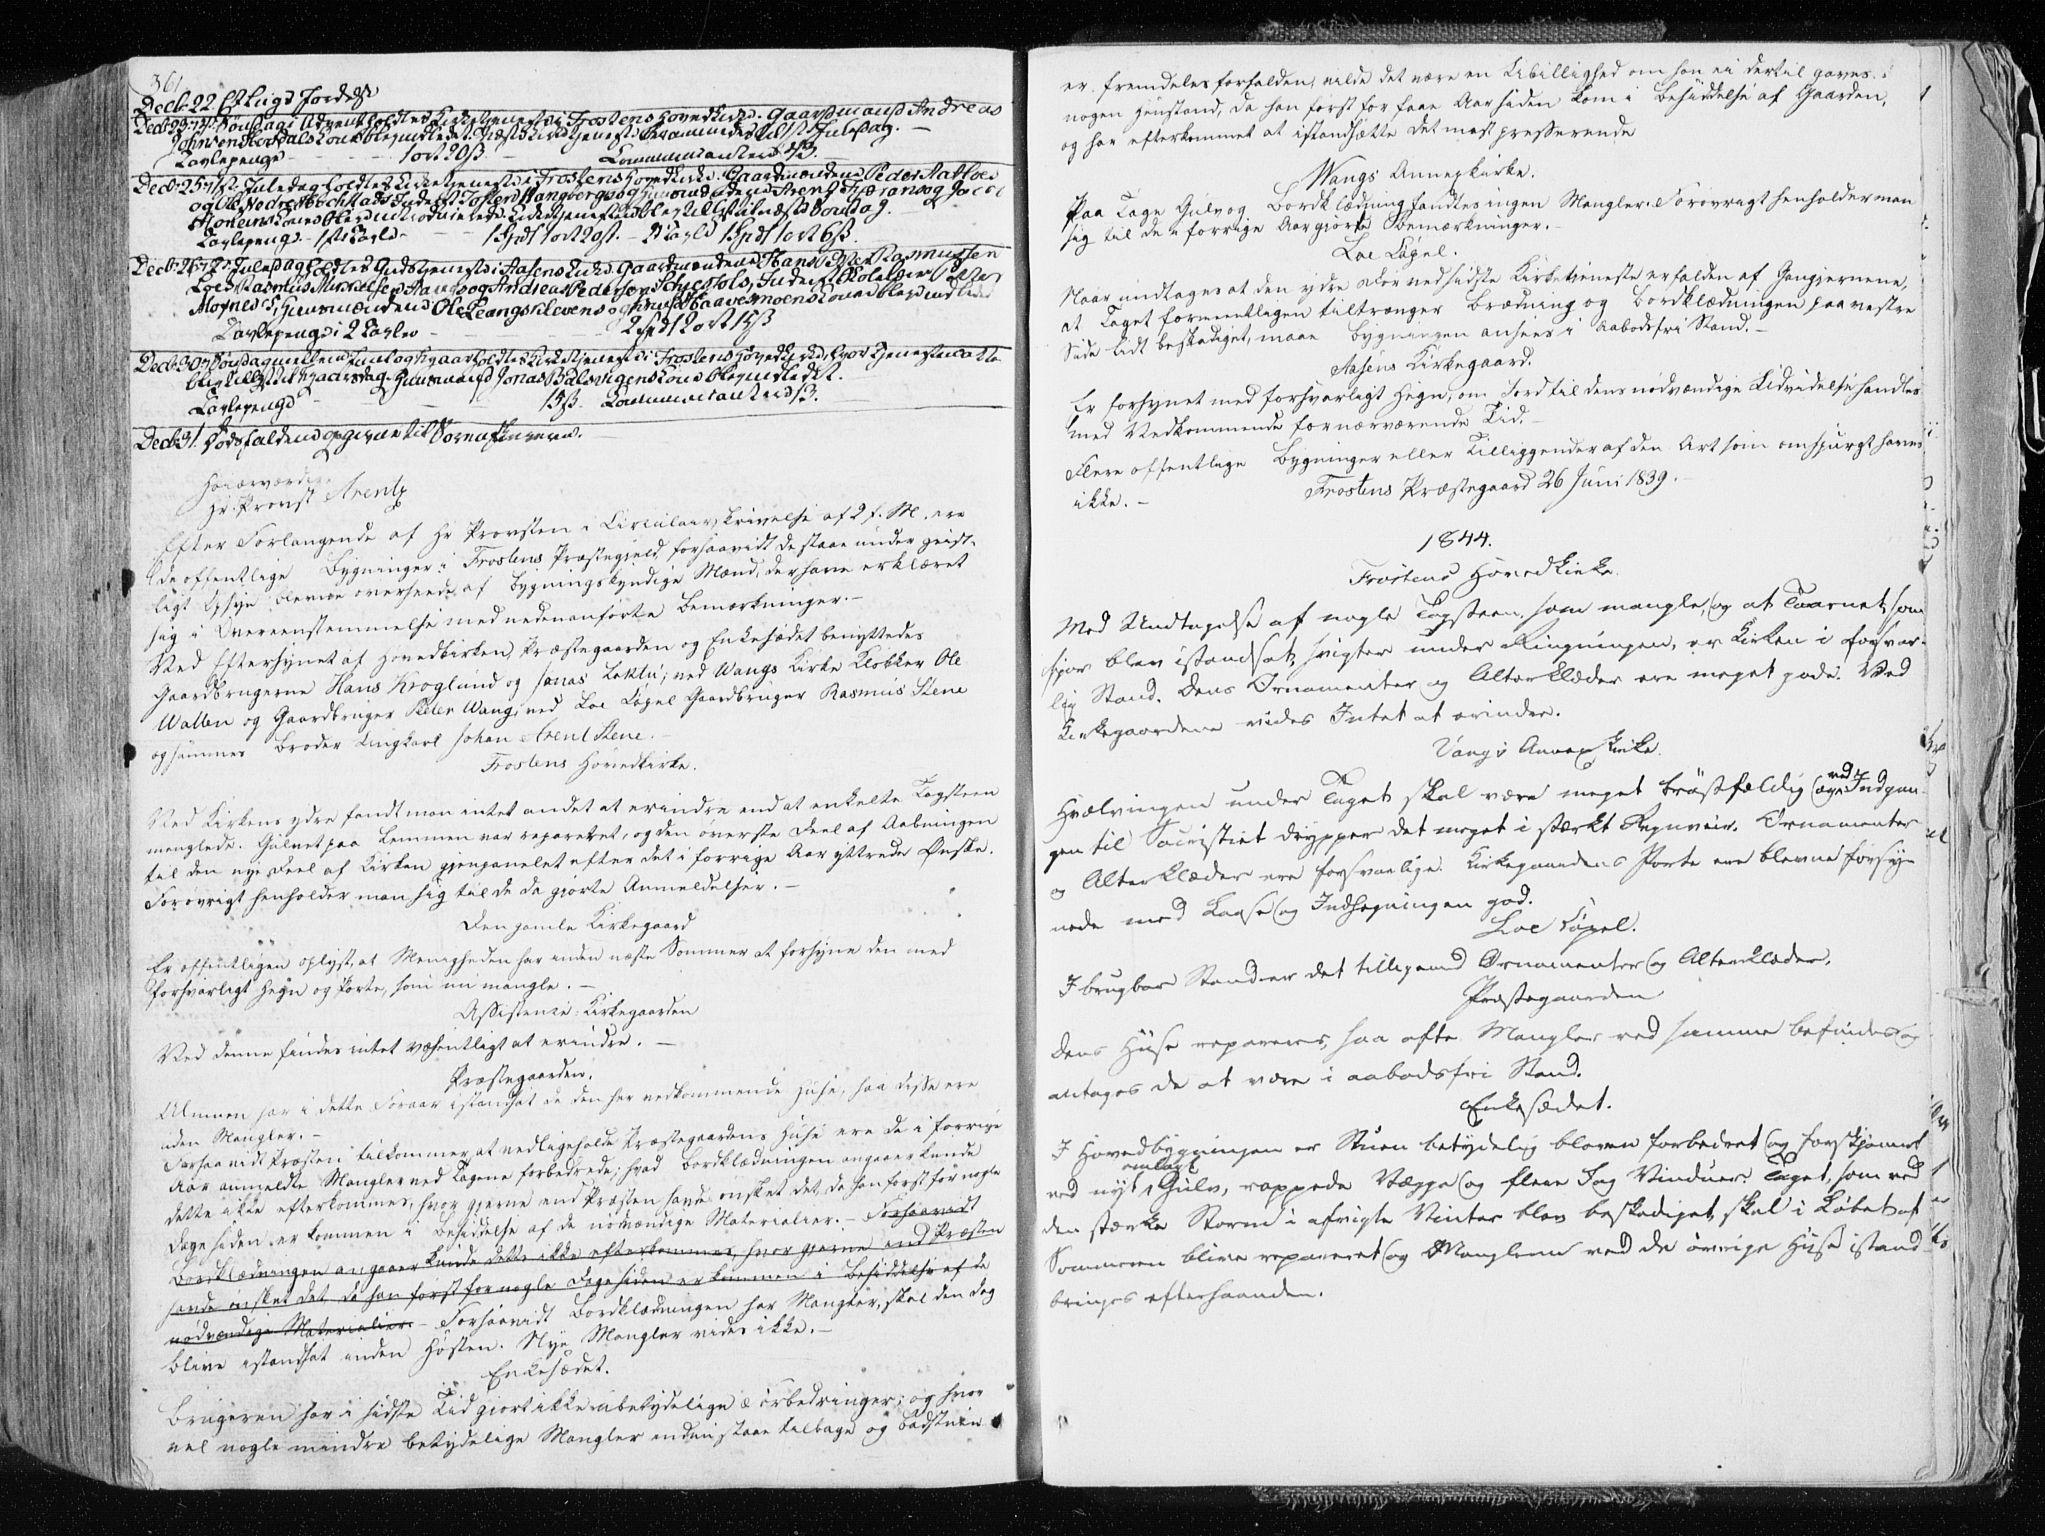 SAT, Ministerialprotokoller, klokkerbøker og fødselsregistre - Nord-Trøndelag, 713/L0114: Ministerialbok nr. 713A05, 1827-1839, s. 361